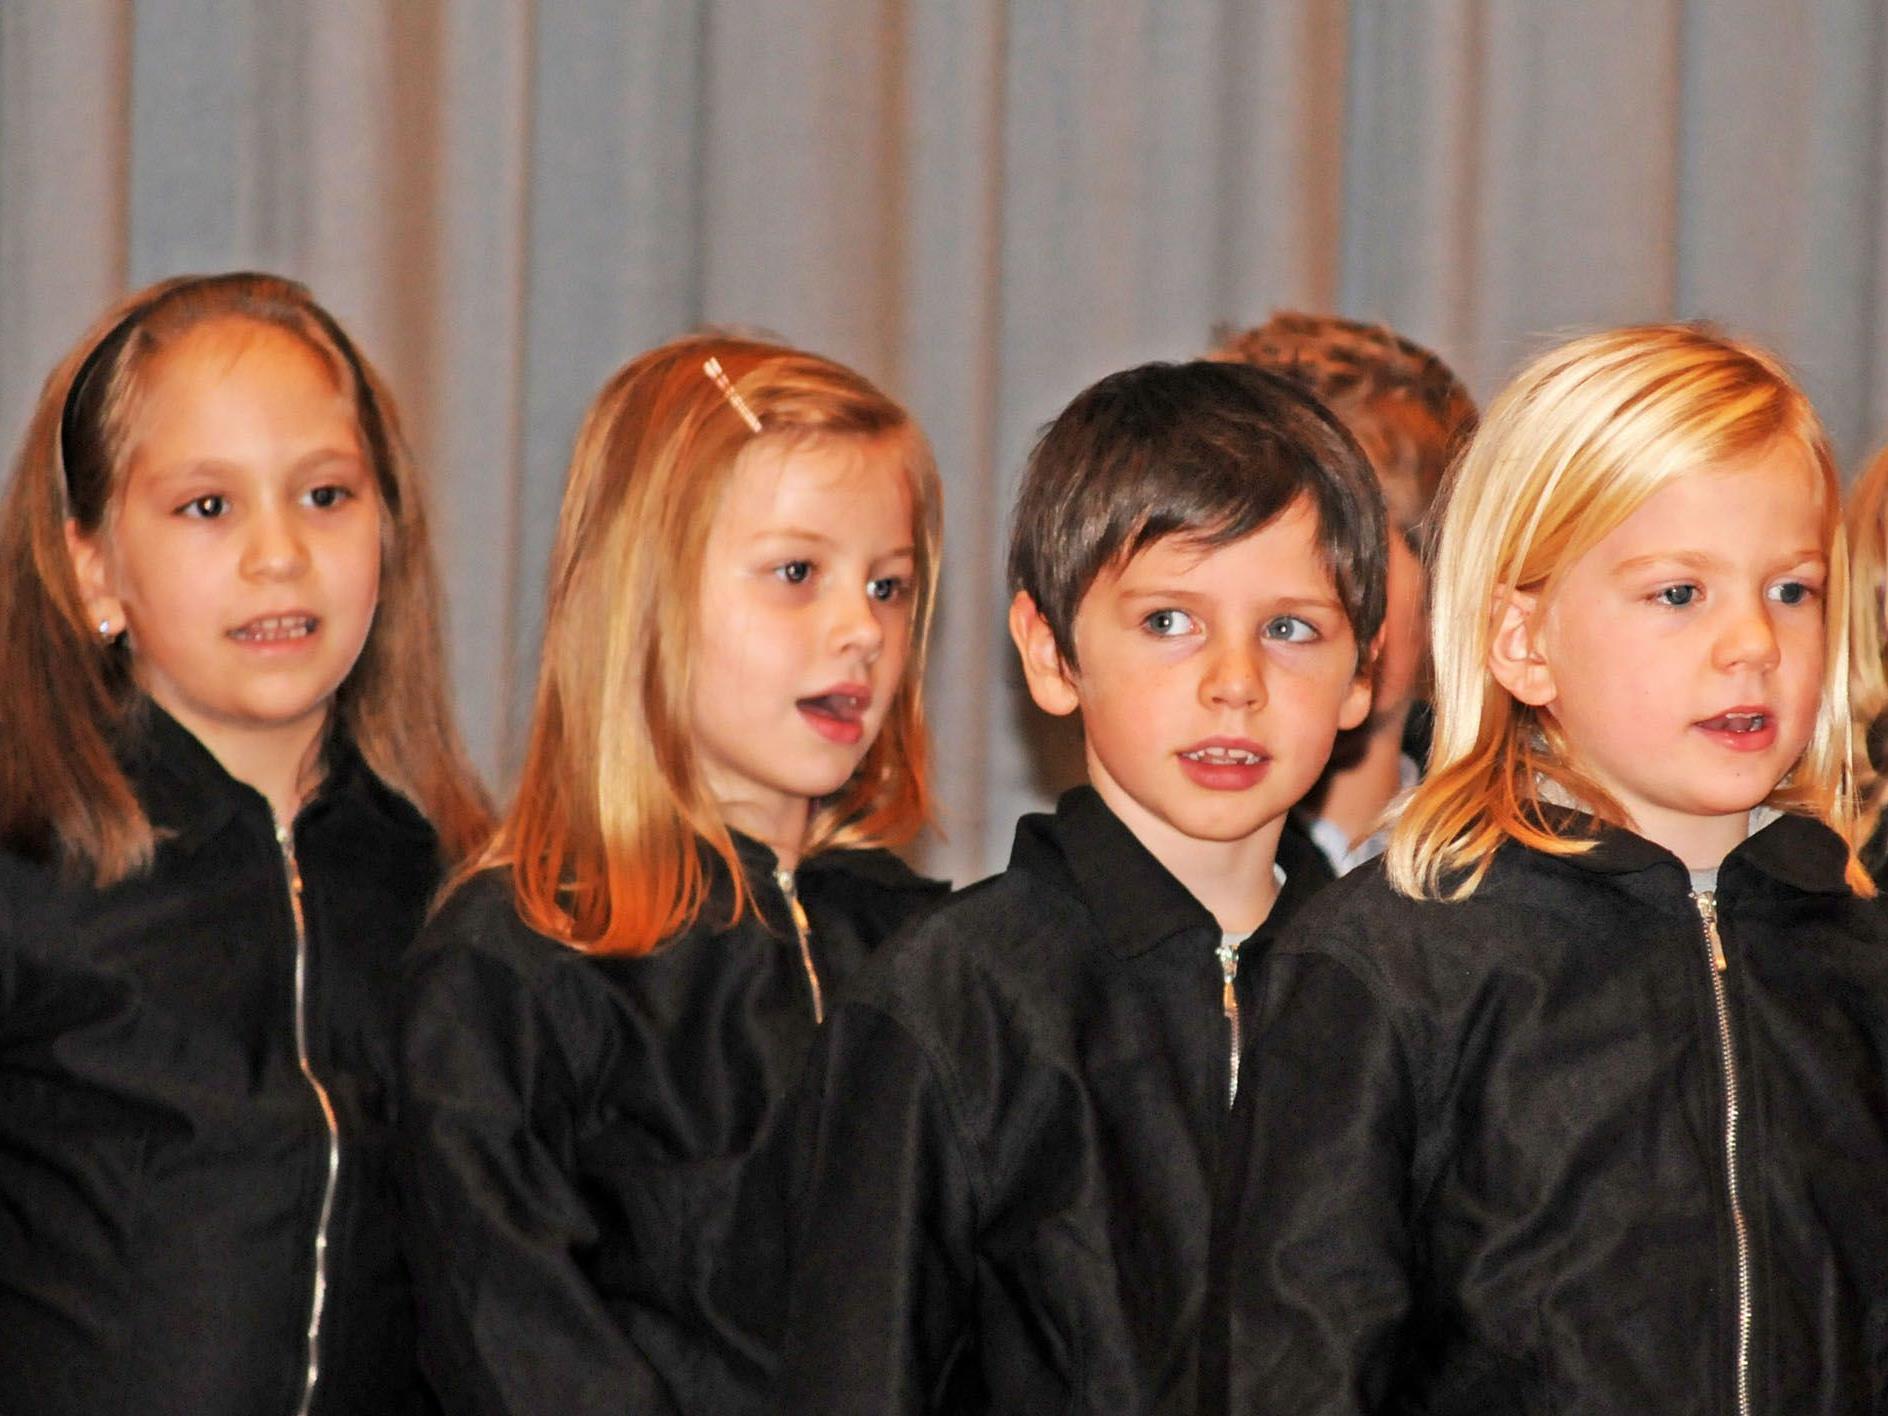 Die Fußacher Volksschüler bei ihrem Auftritt in der Rheinblickhalle in Gaißau